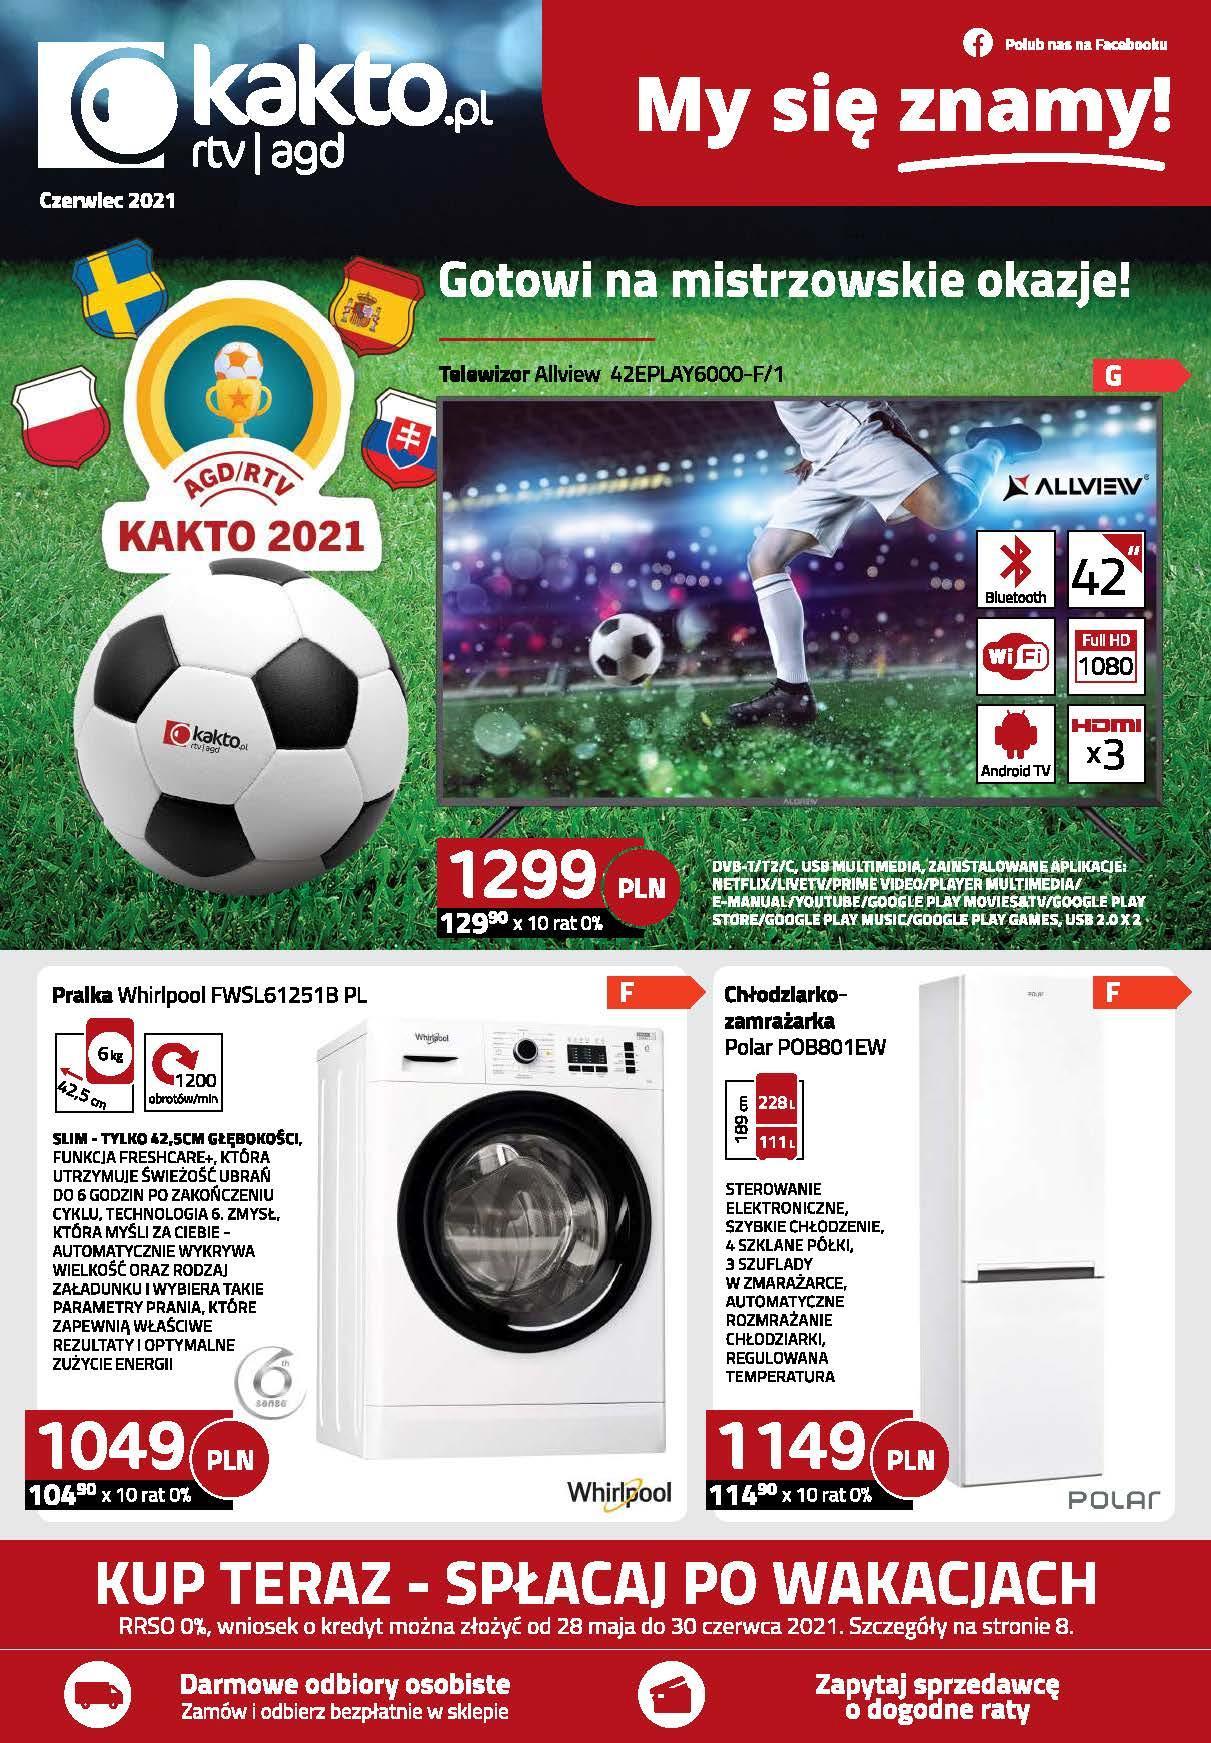 Gazetka promocyjna Kakto.pl do 30/06/2021 str.1